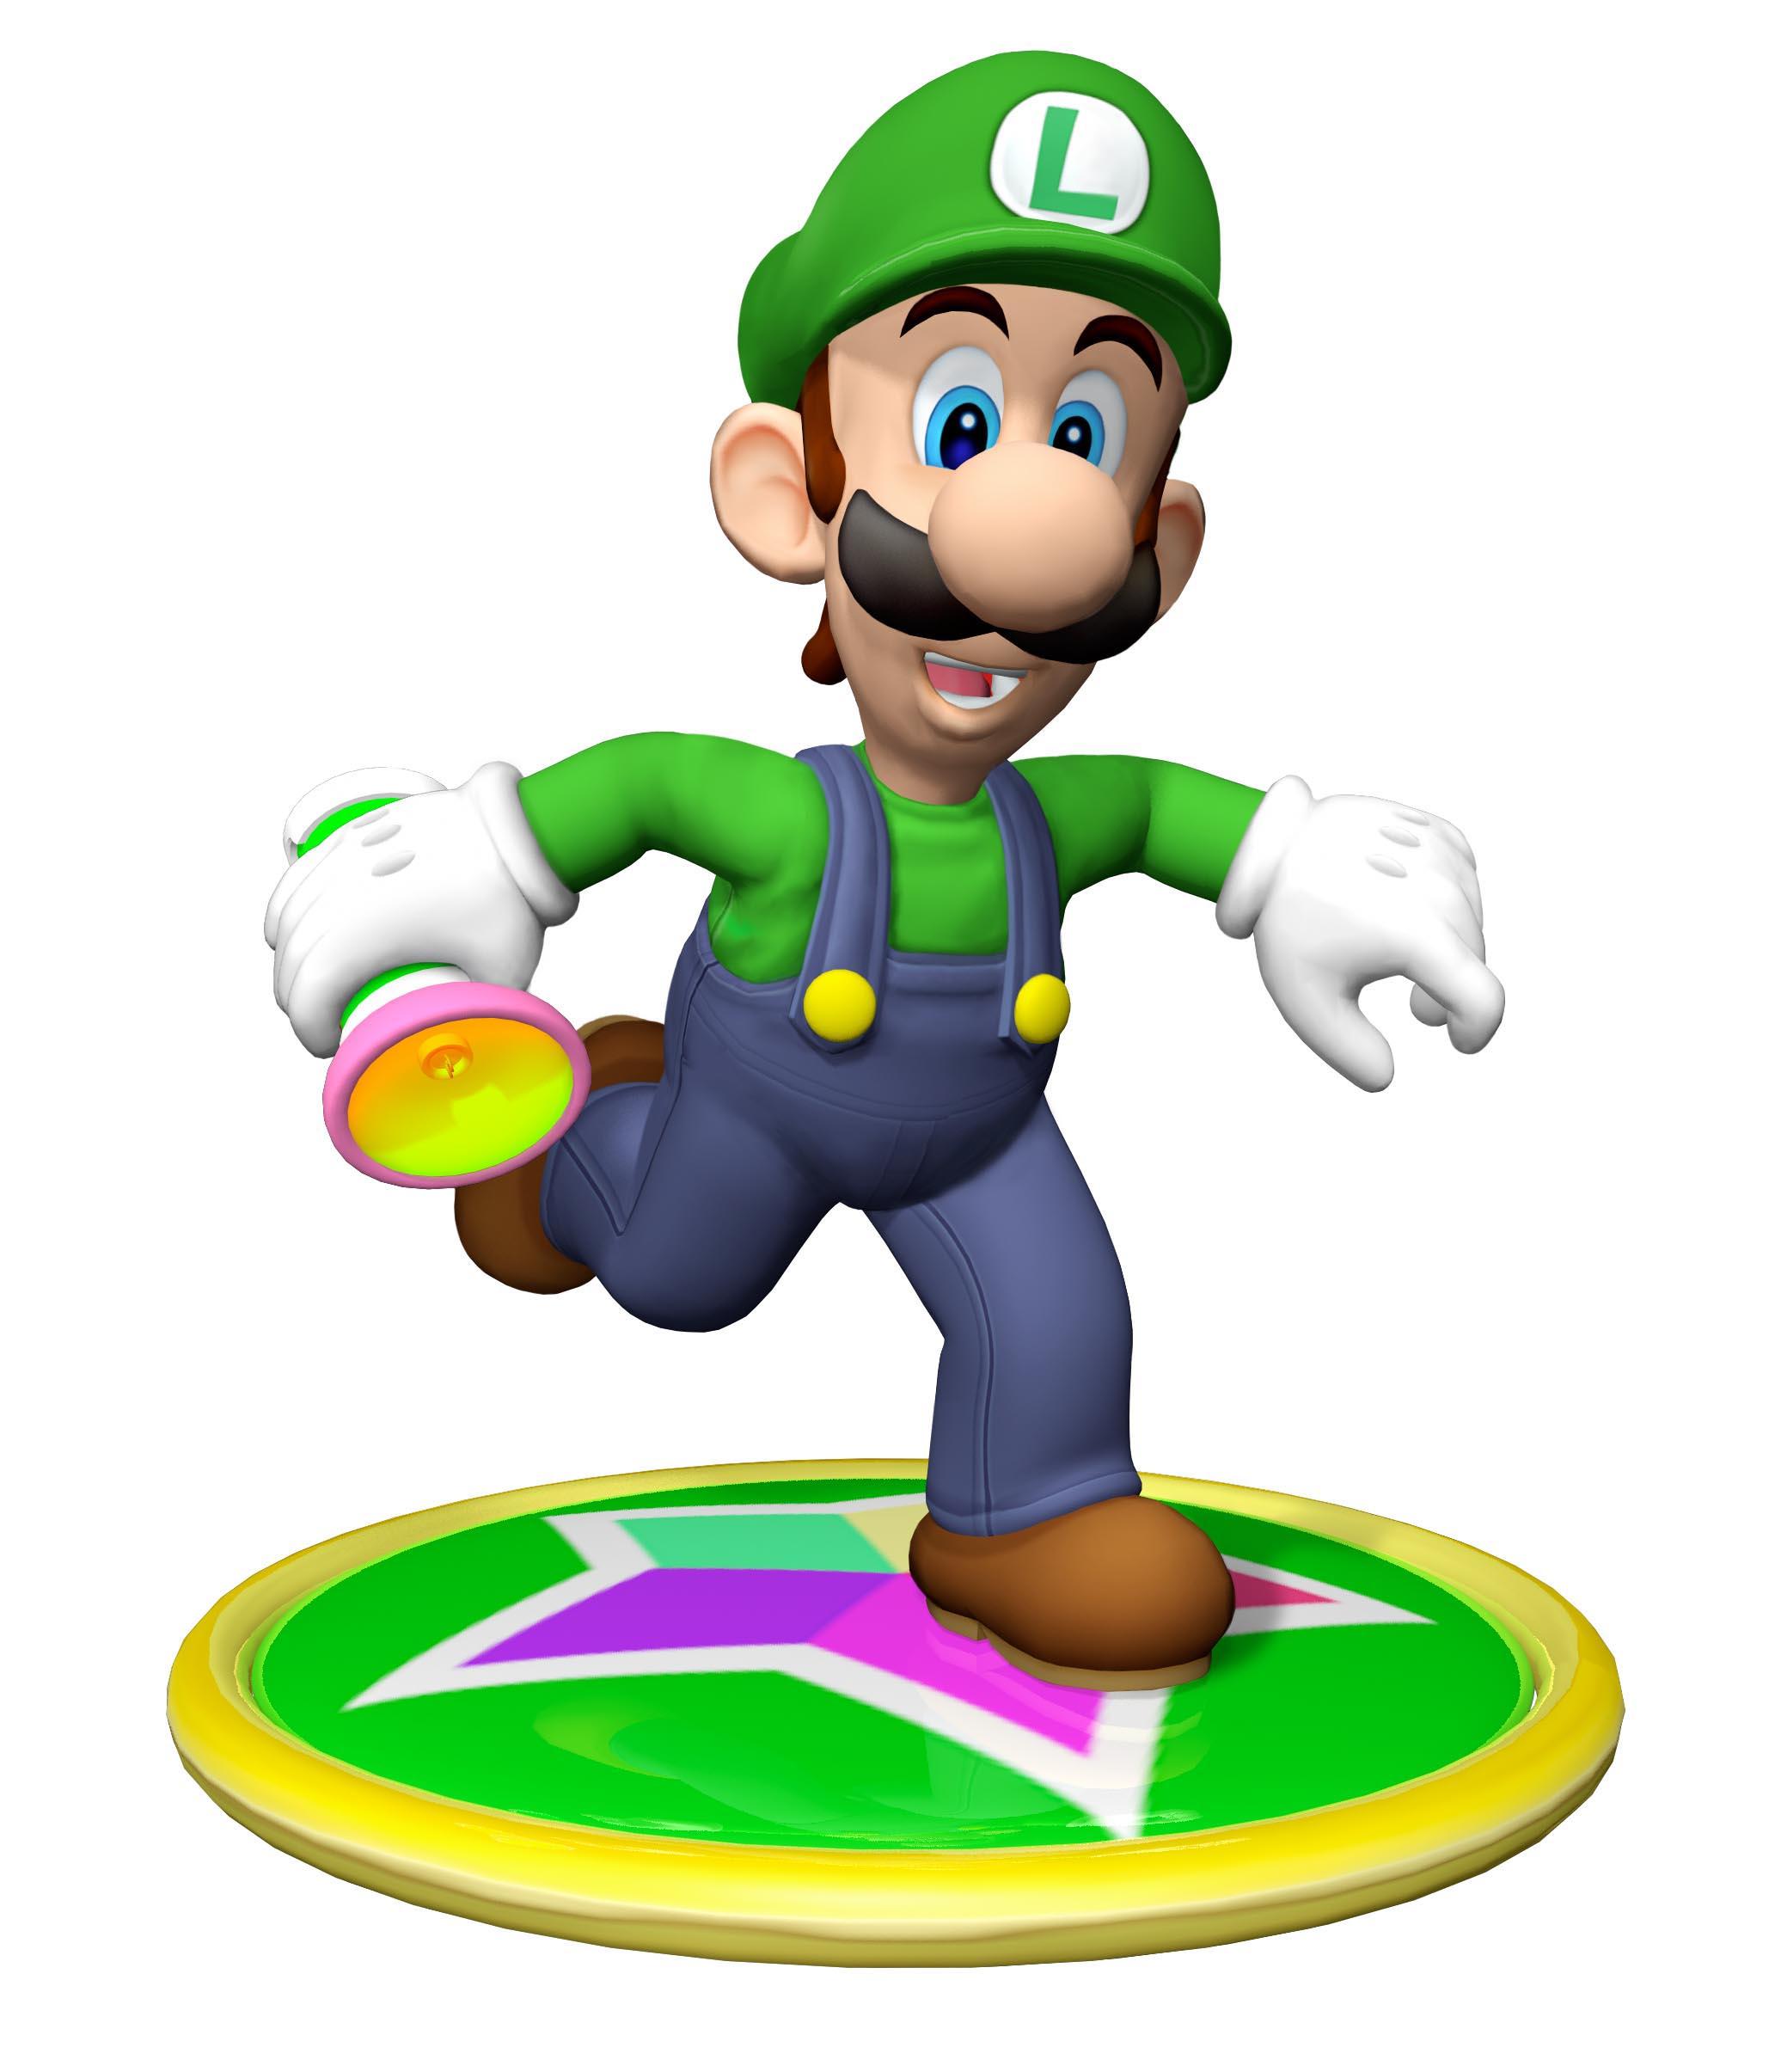 Tmk downloads images mario party 4 gcn - Luigi mario party ...